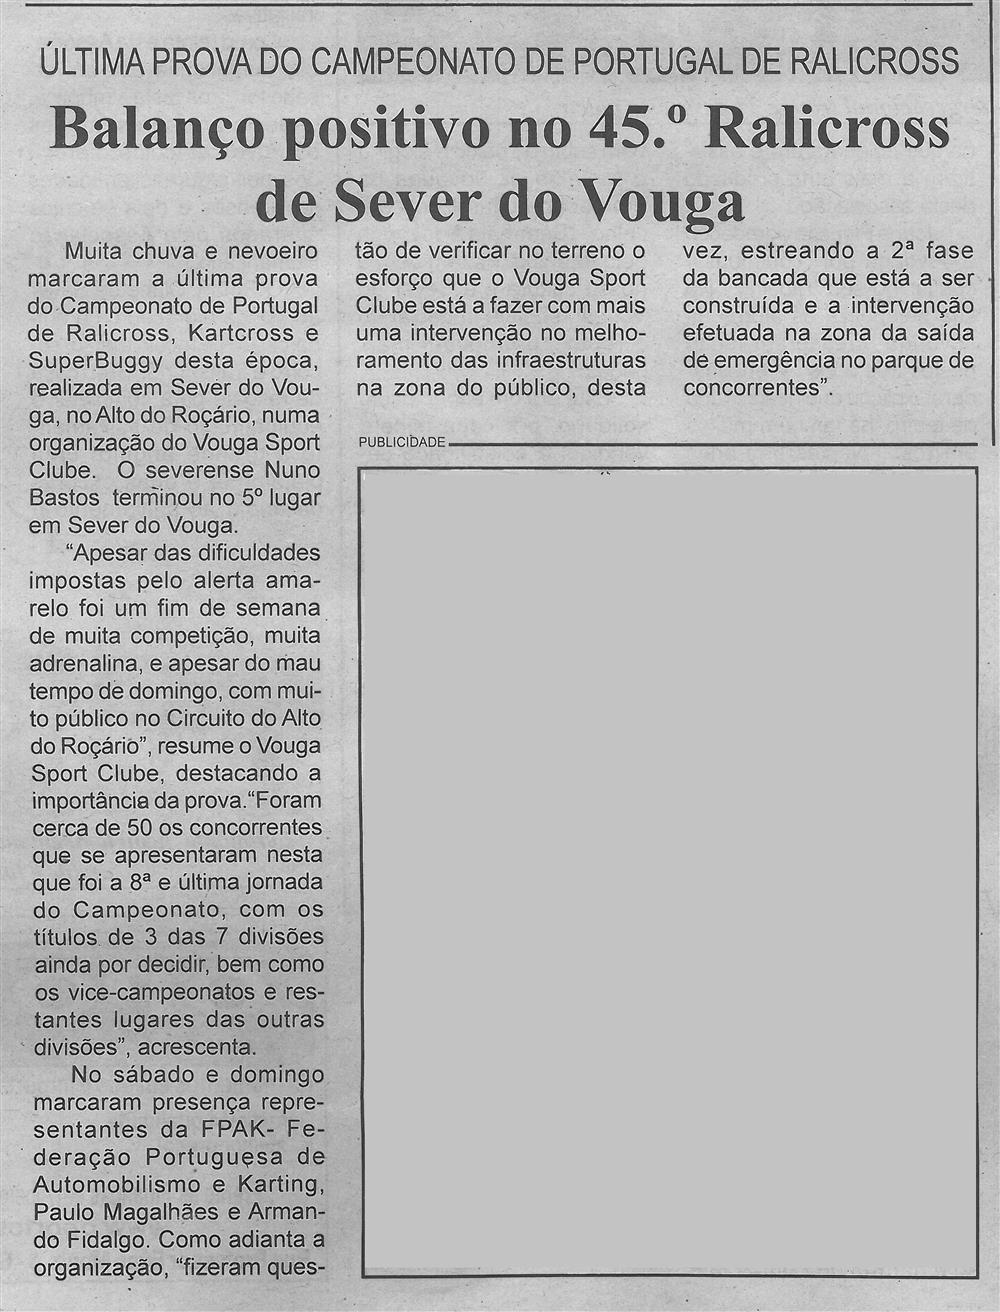 BV-1.ªnov.'19-p.4-Balanço positivo no 45.º Ralicross de Sever do Vouga : última prova do Campeonato de Portugal de Ralicross.jpg